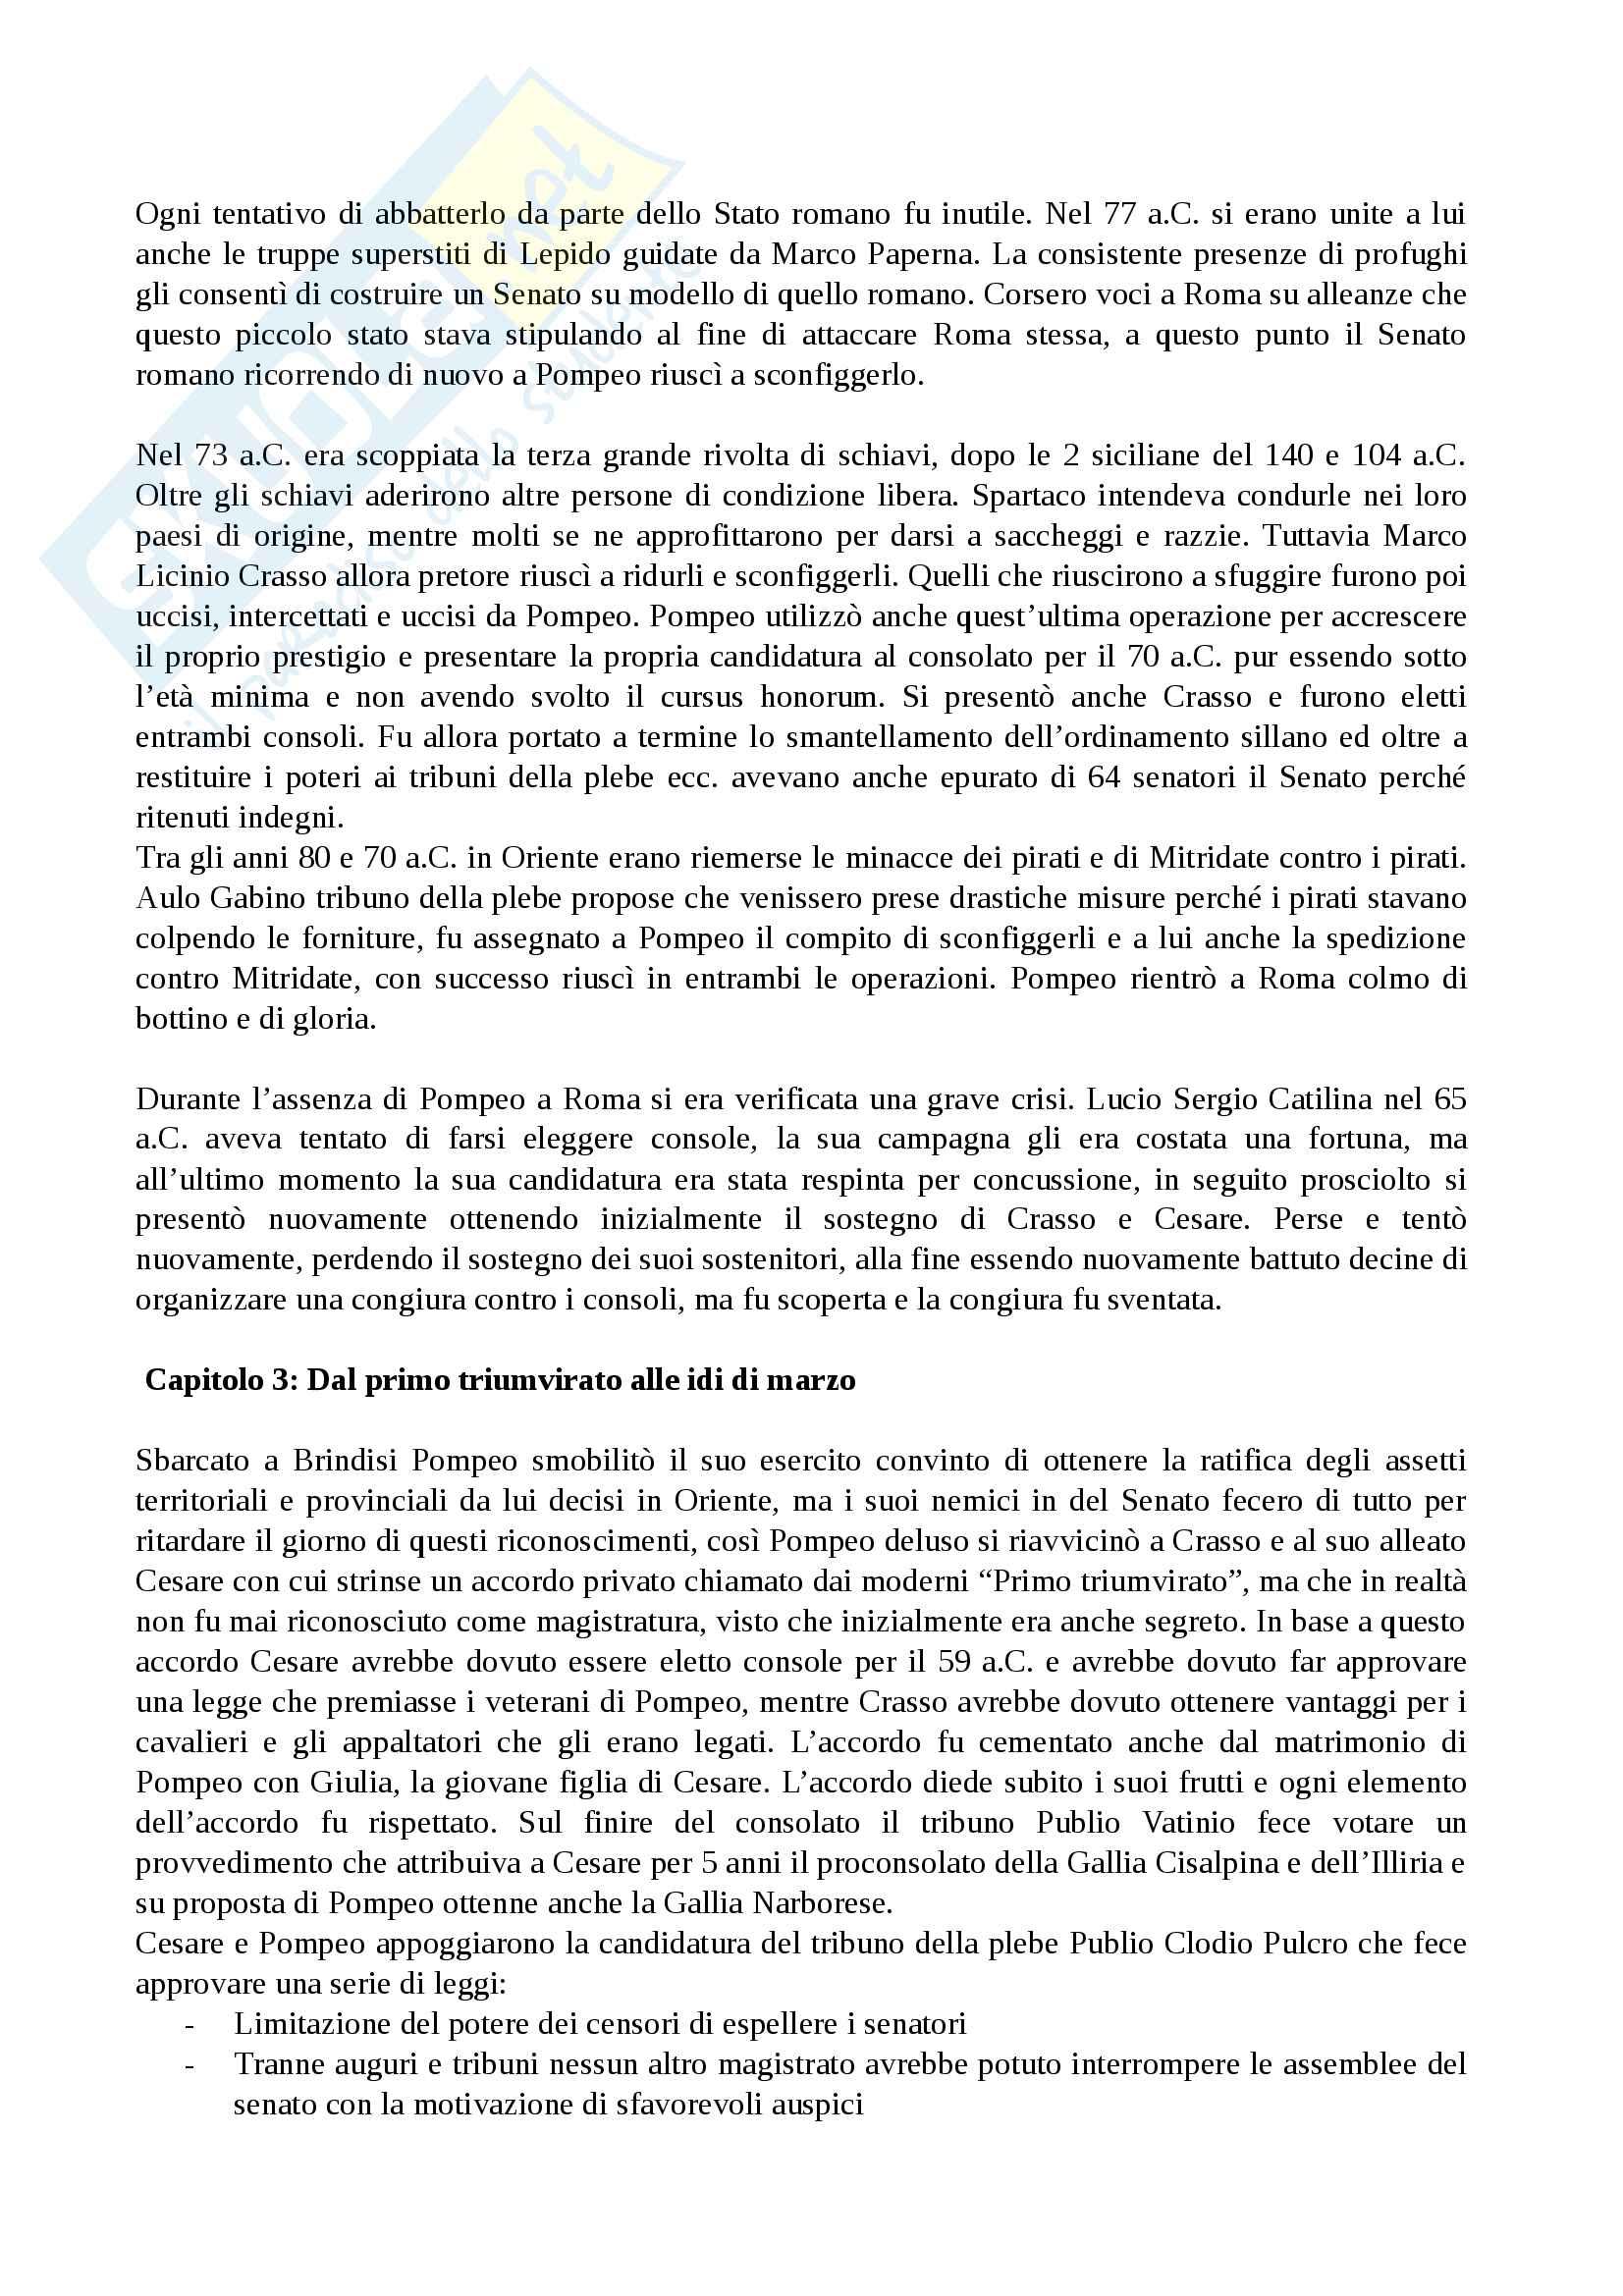 Riassunto esame Storia Romana Pag. 21